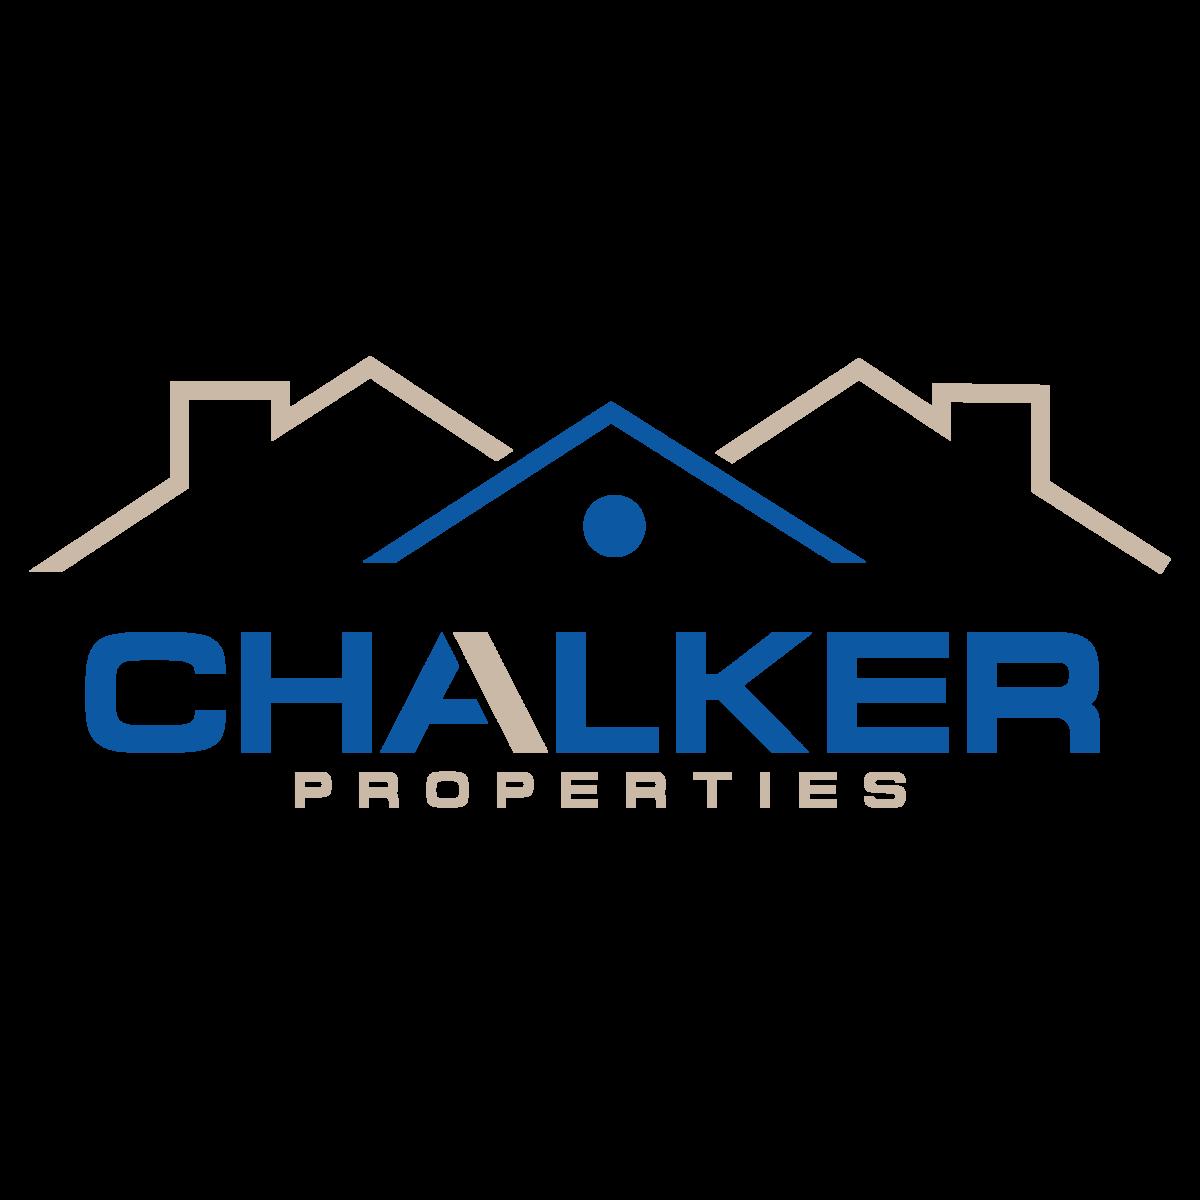 Chalker Properties logo